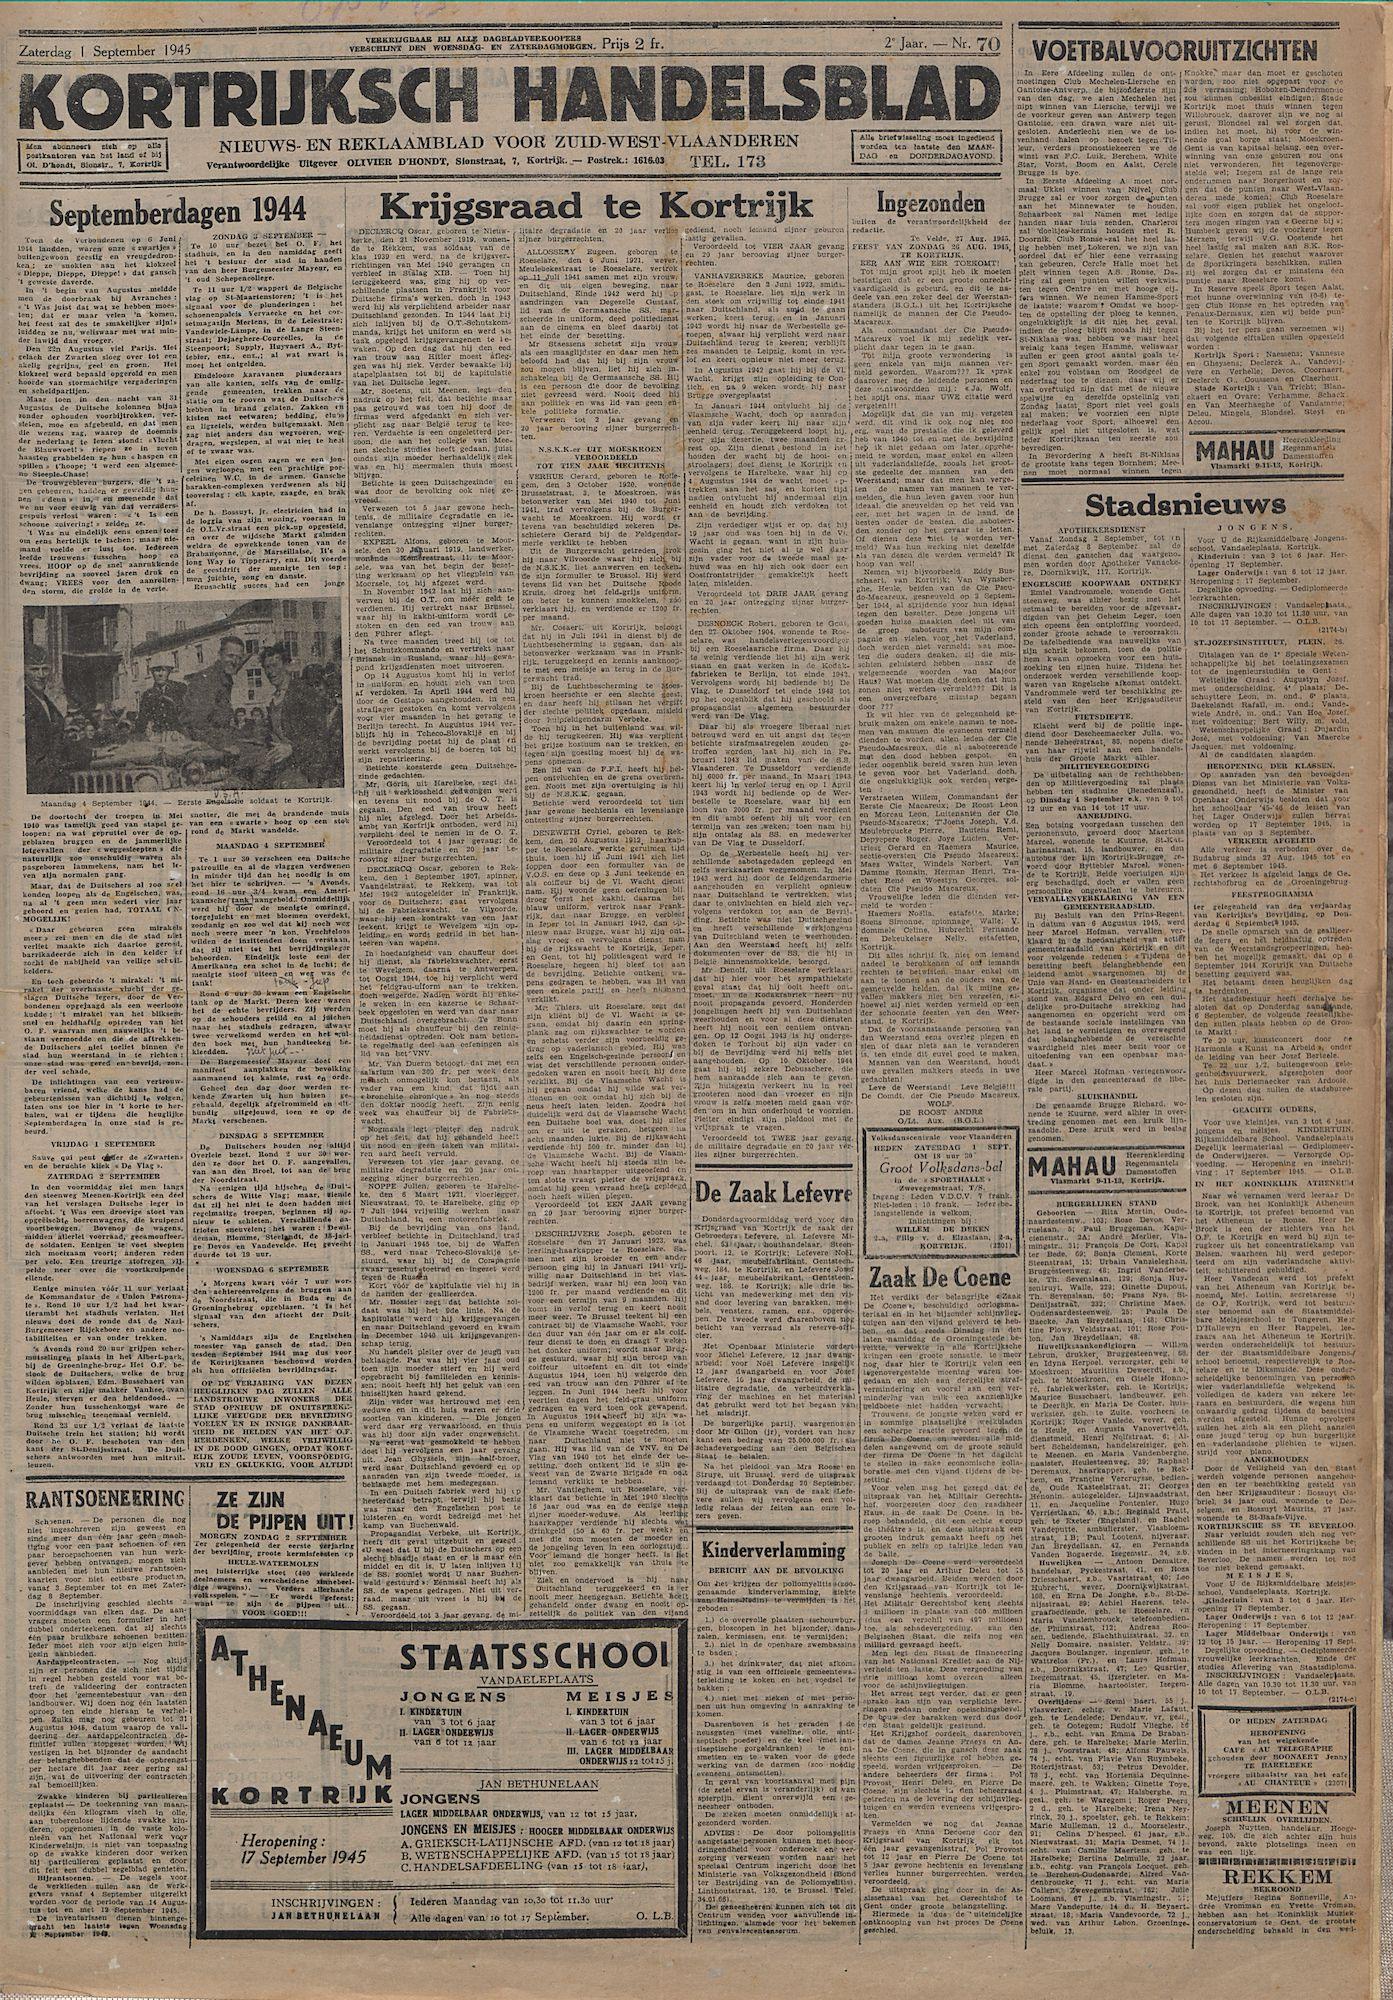 Kortrijksch Handelsblad 1 september 1945 Nr70 p1